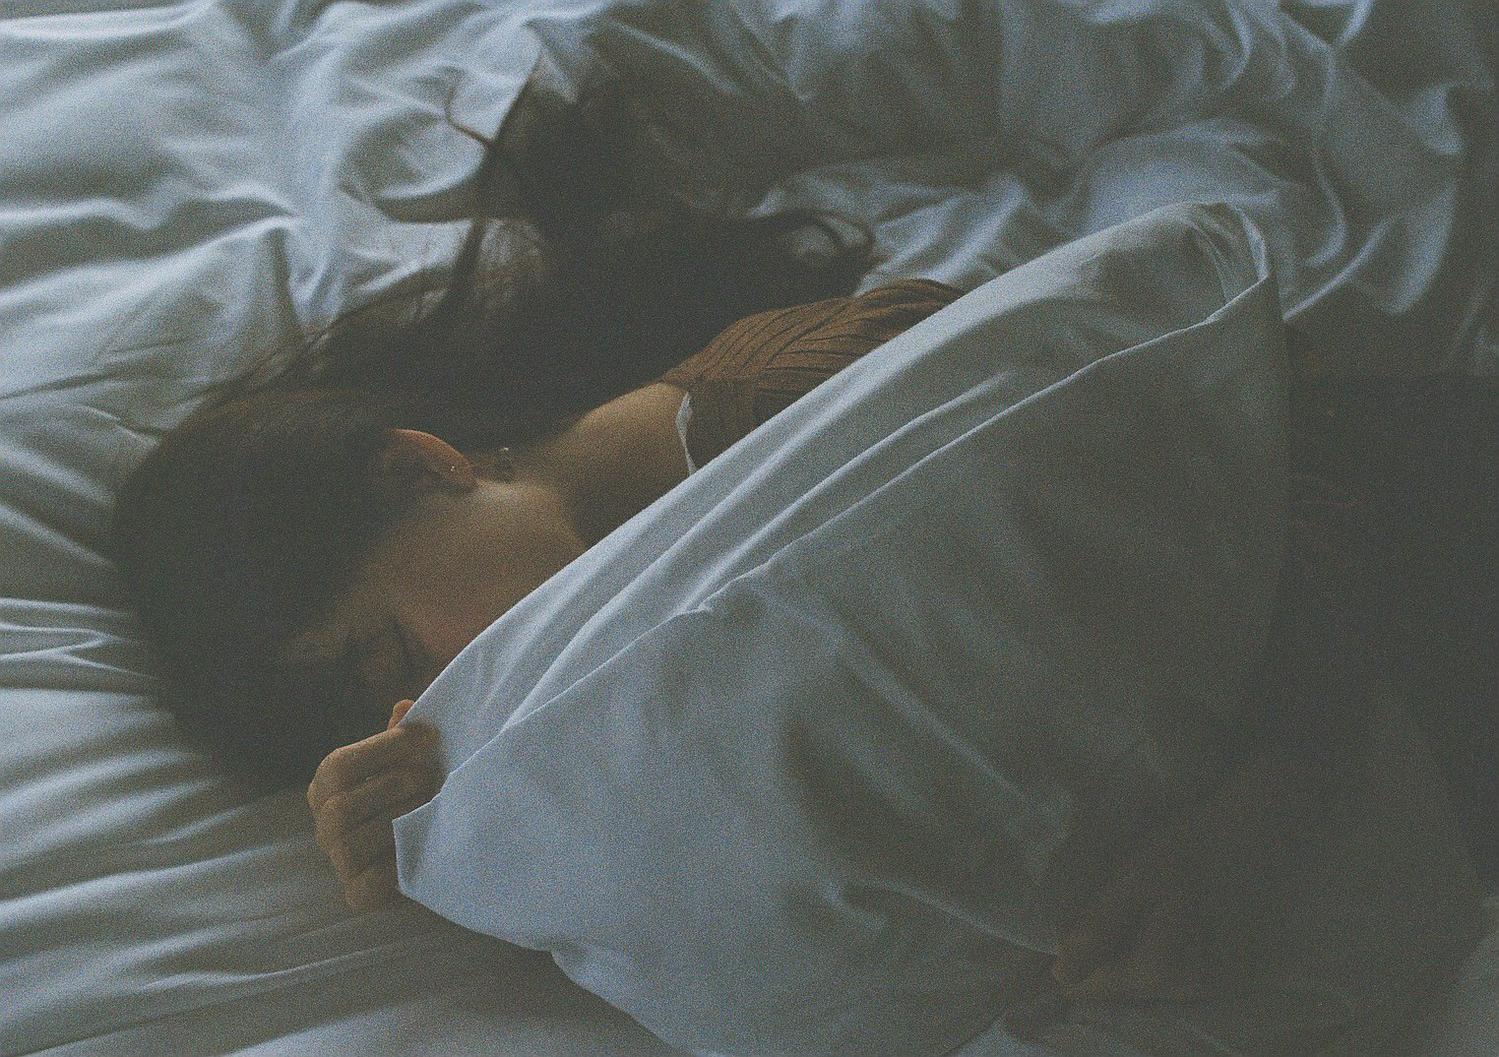 靴下をはいて寝るのは逆効果?